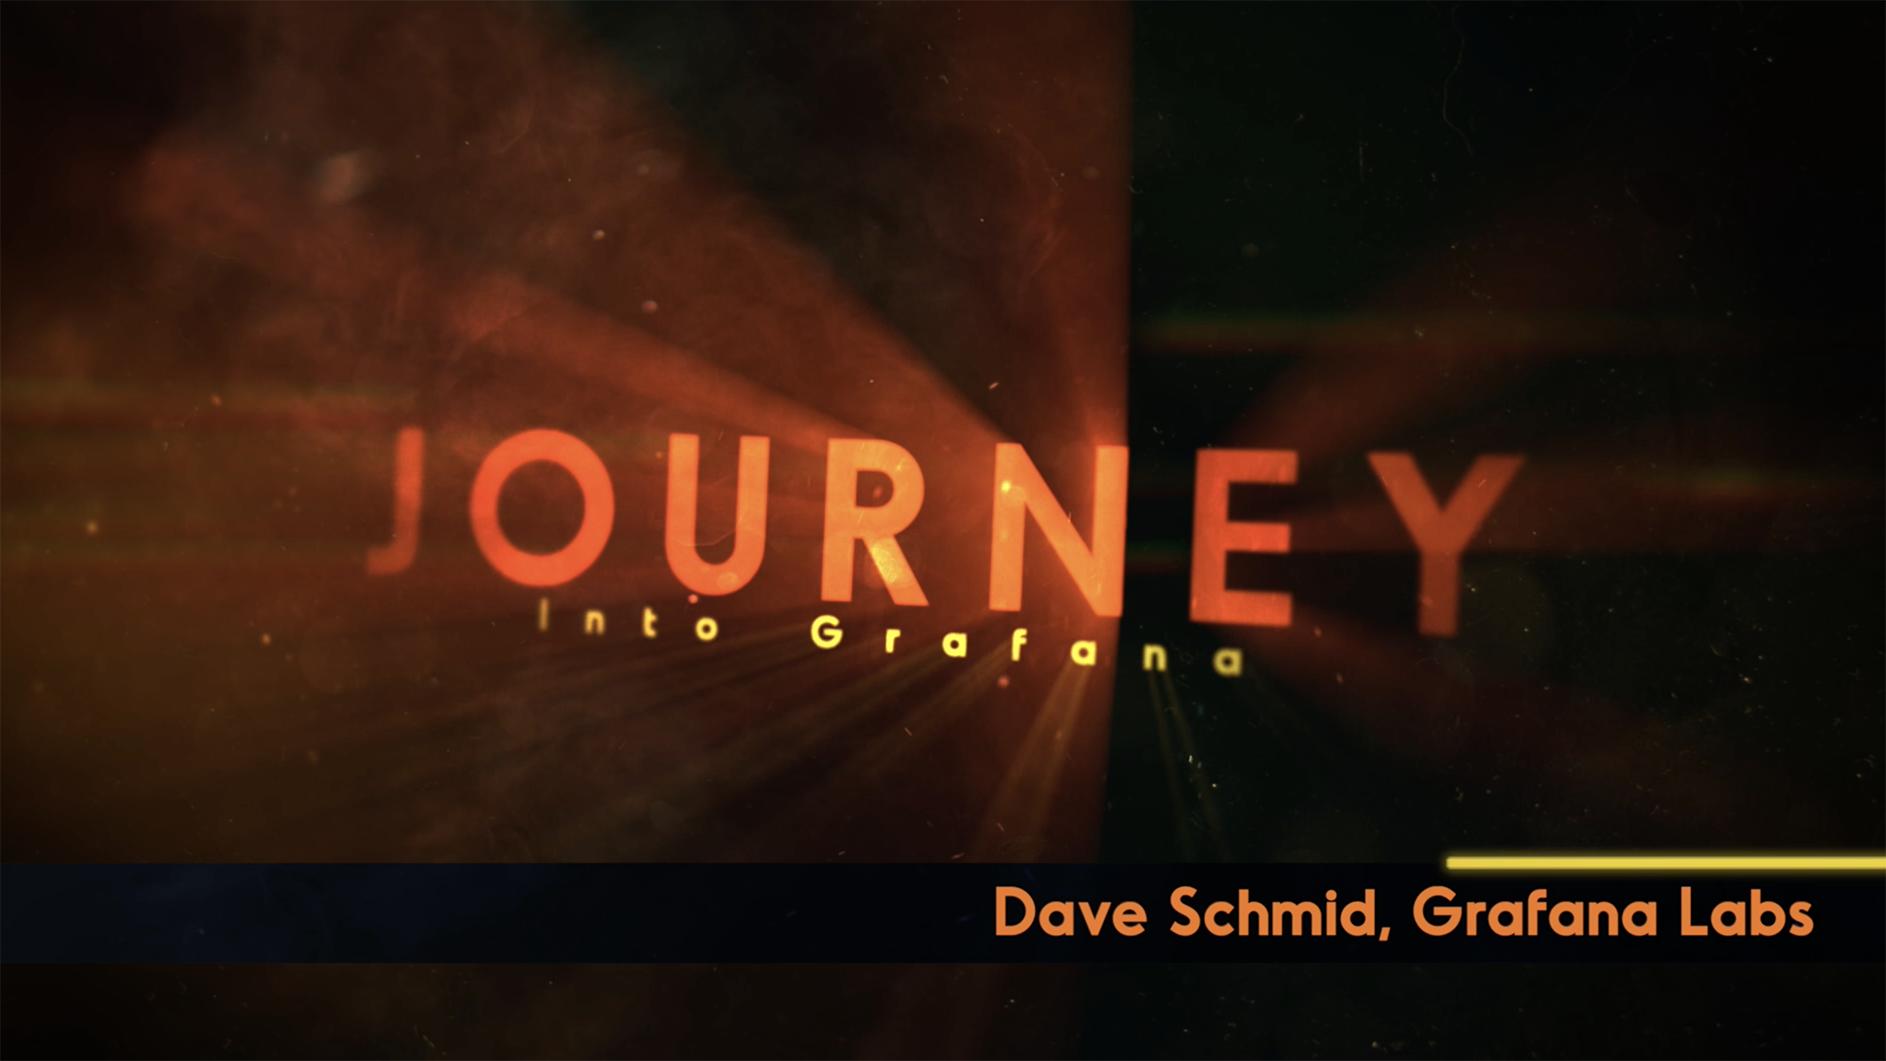 Journey Into Grafana - Header